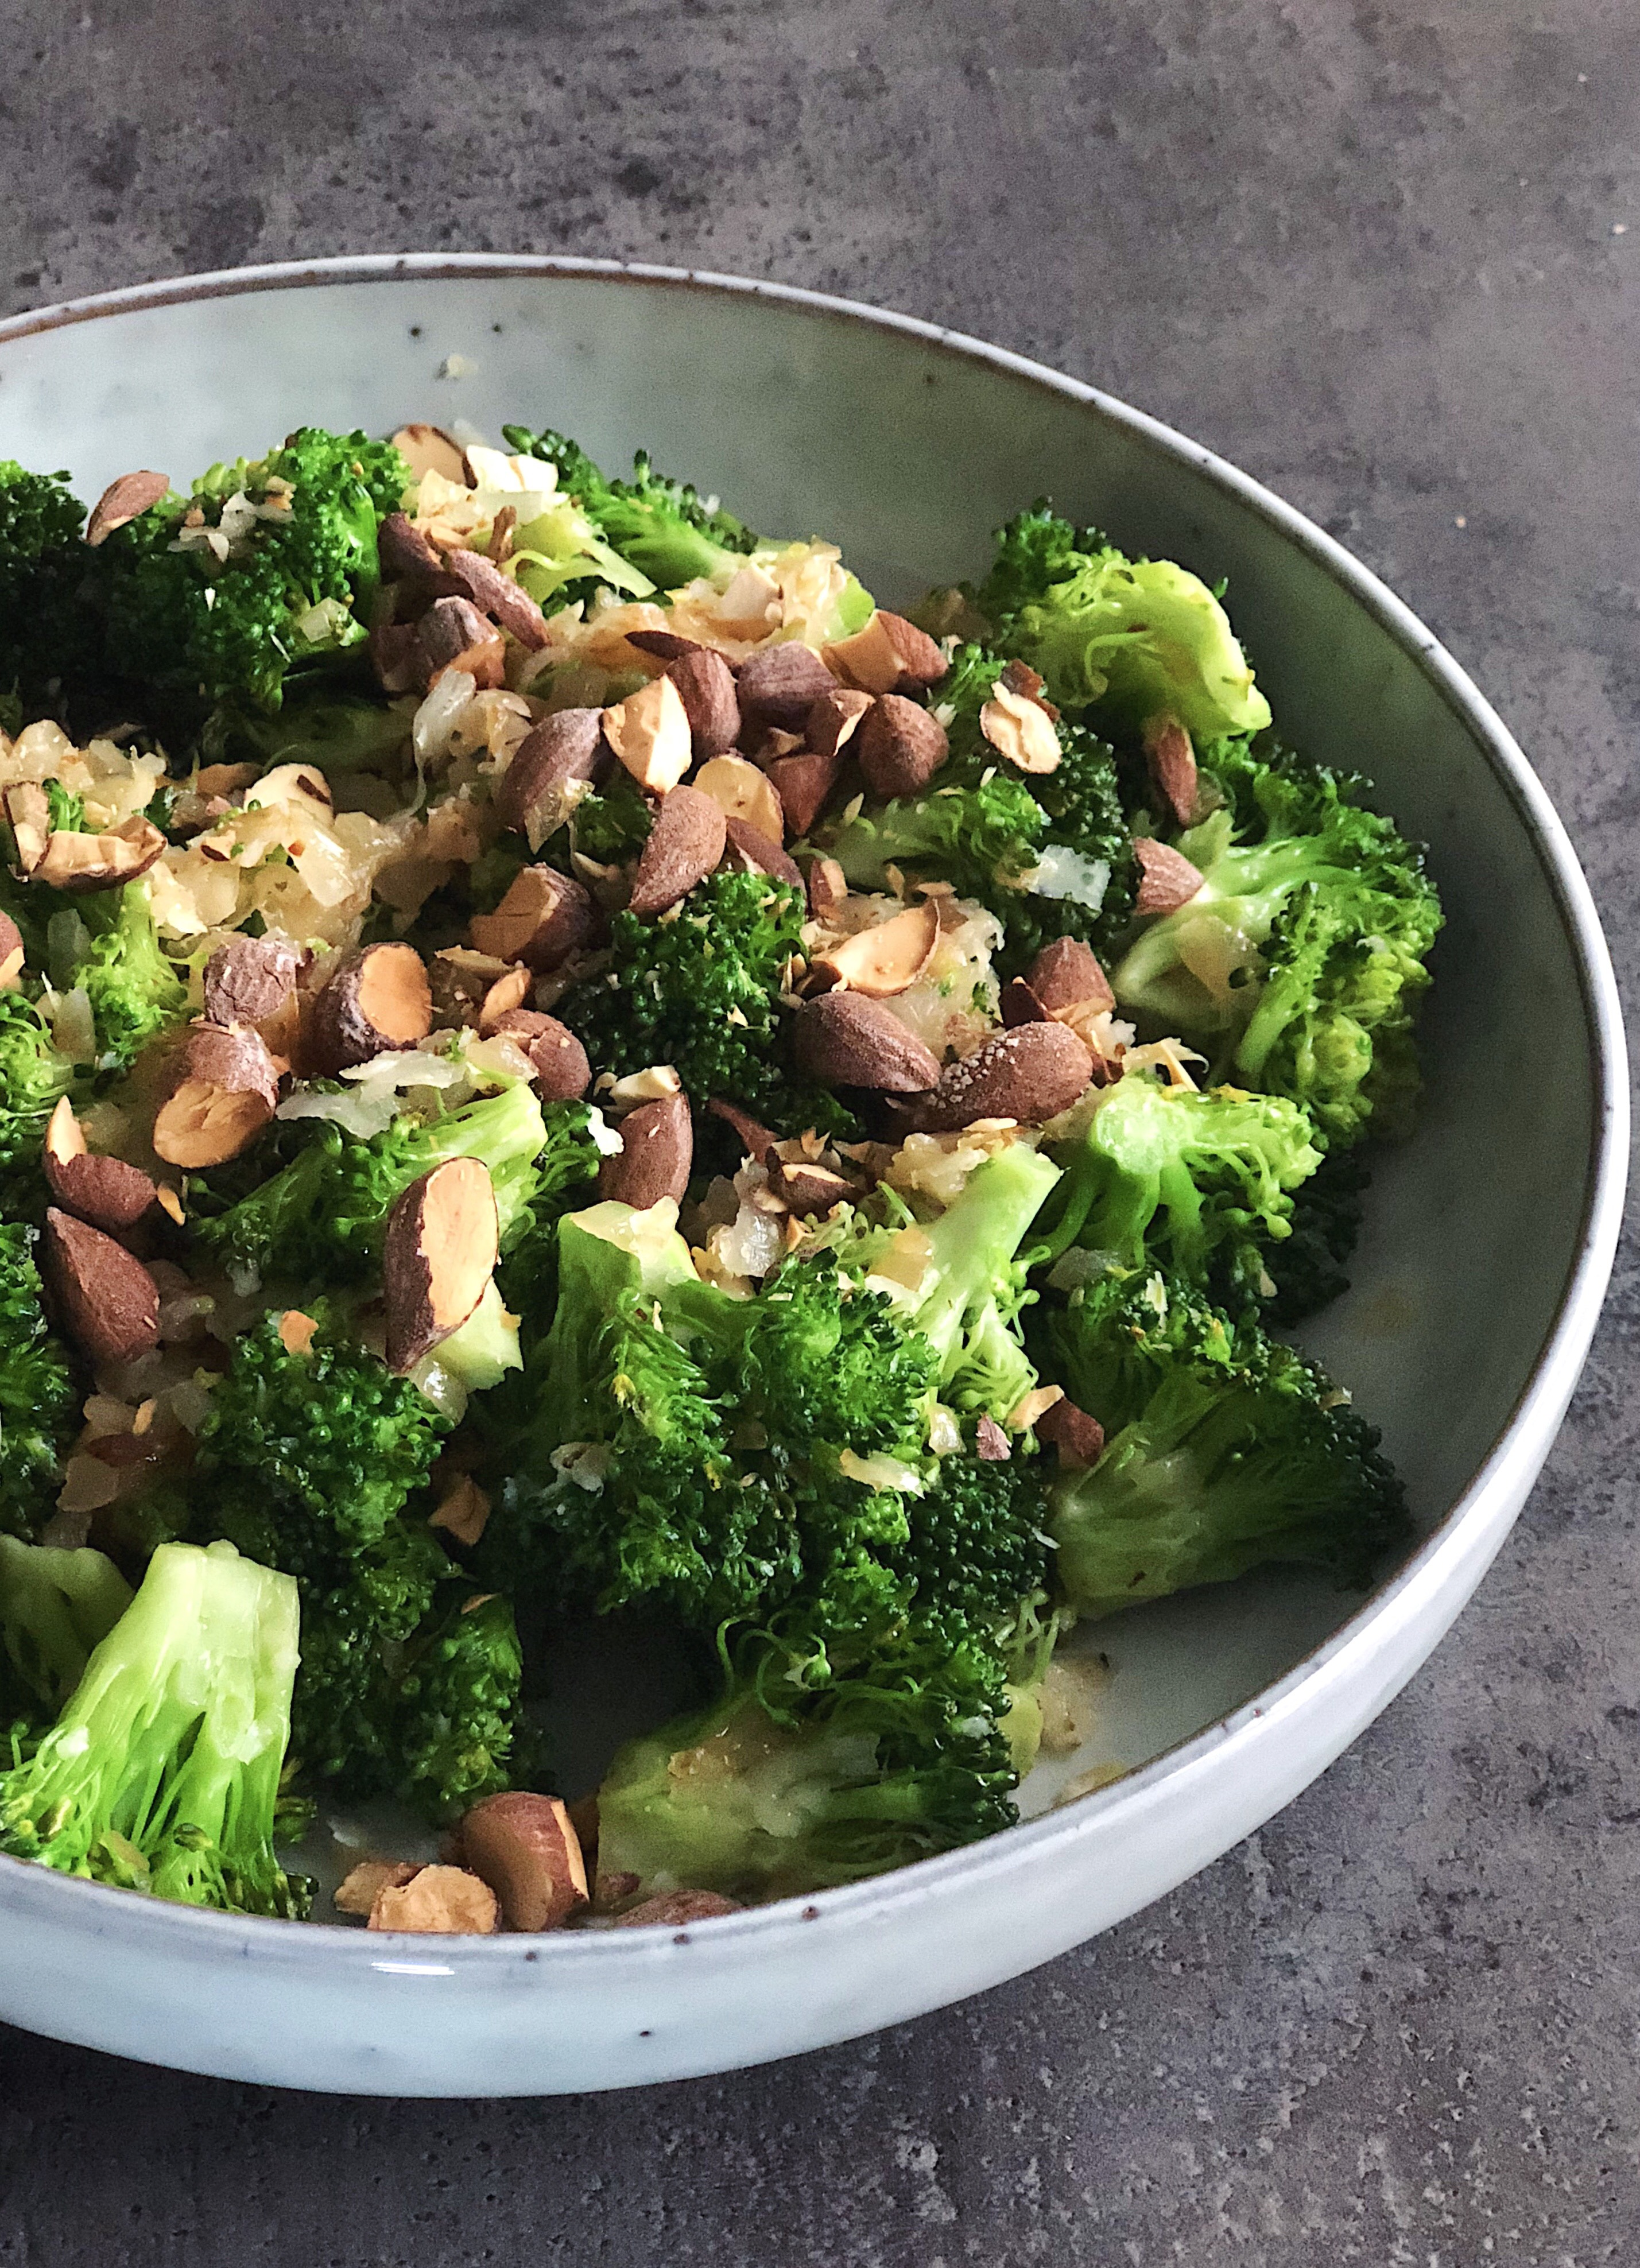 Stegt Broccolisalat Salat Tilbehør til Aftensmaden Mia Lindholm Blog Blogger Mad Inspiration Opskrift Odense Blogger Fynske Influencers Saltmandler